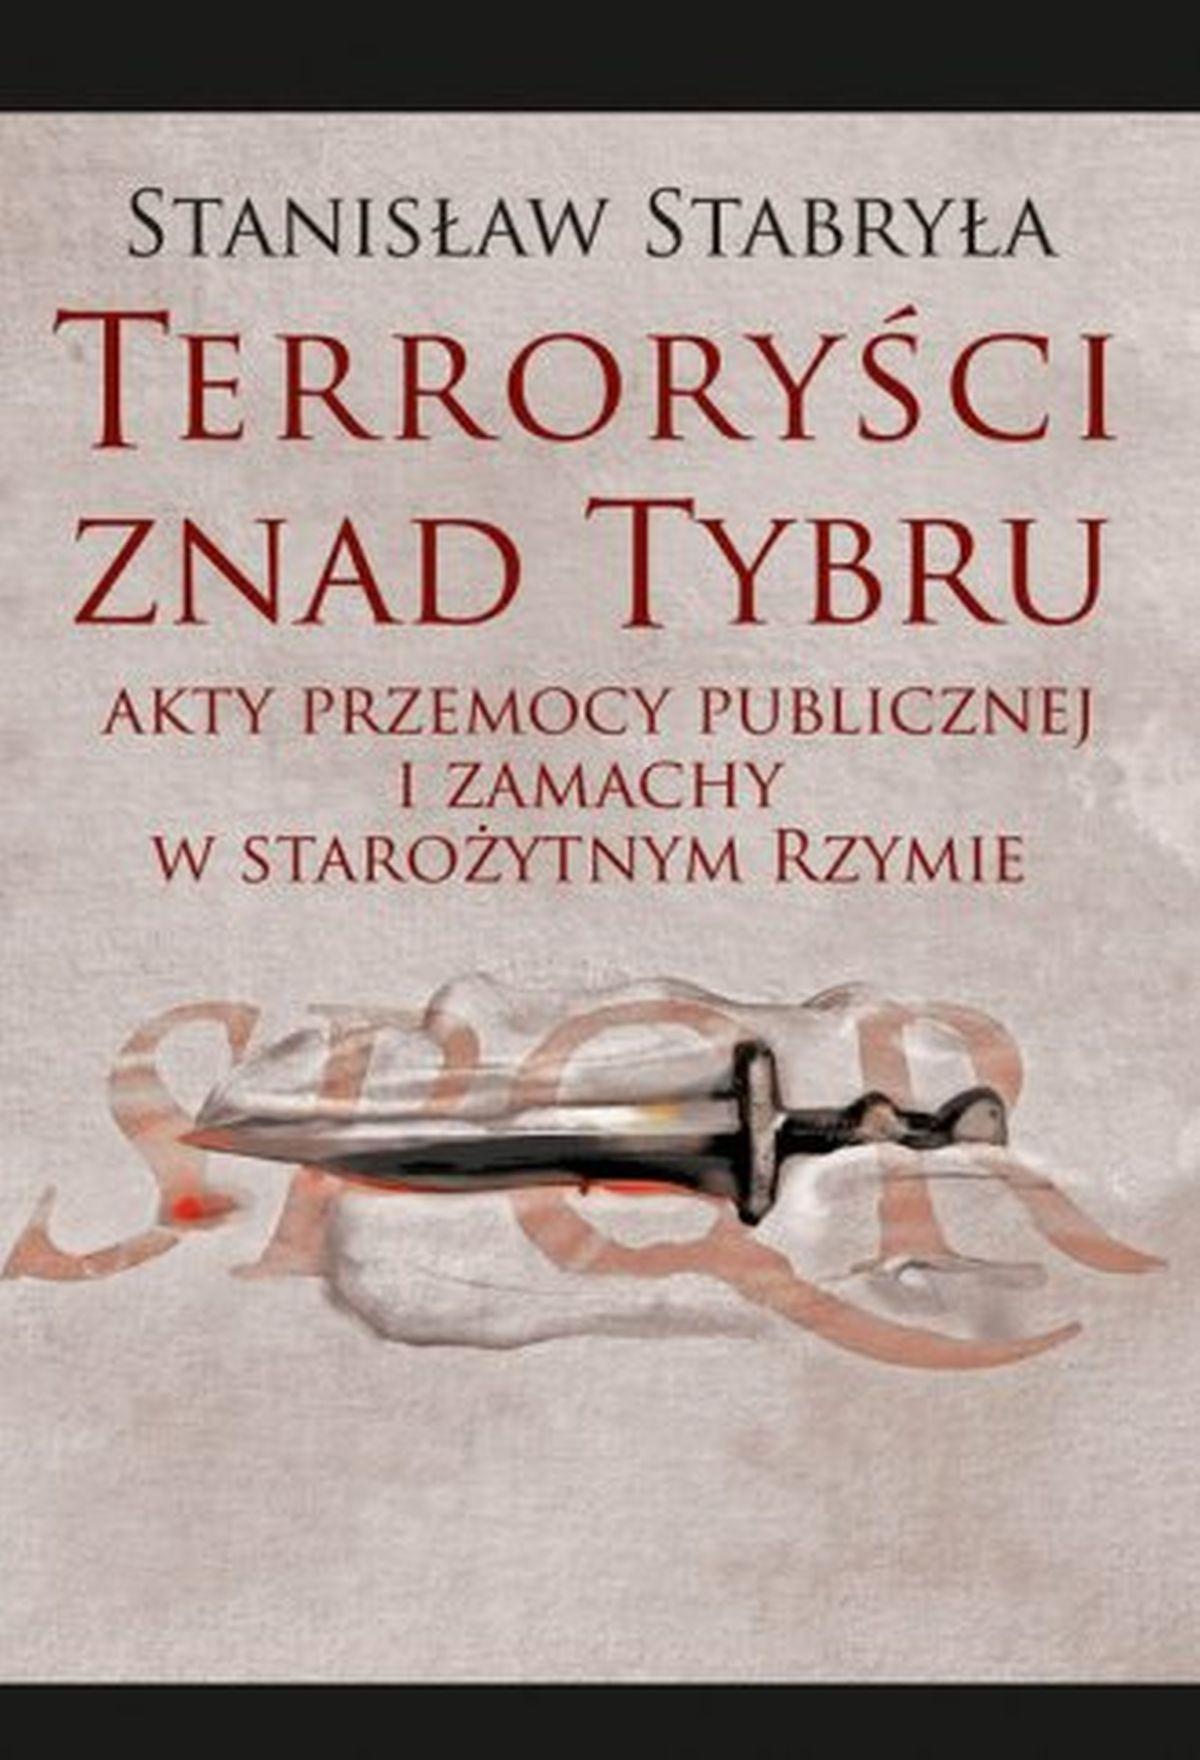 Stanisław Stabryła, Terroryści znad Tybru. Akty przemocy publicznej i zamachy w starożytnym Rzymie